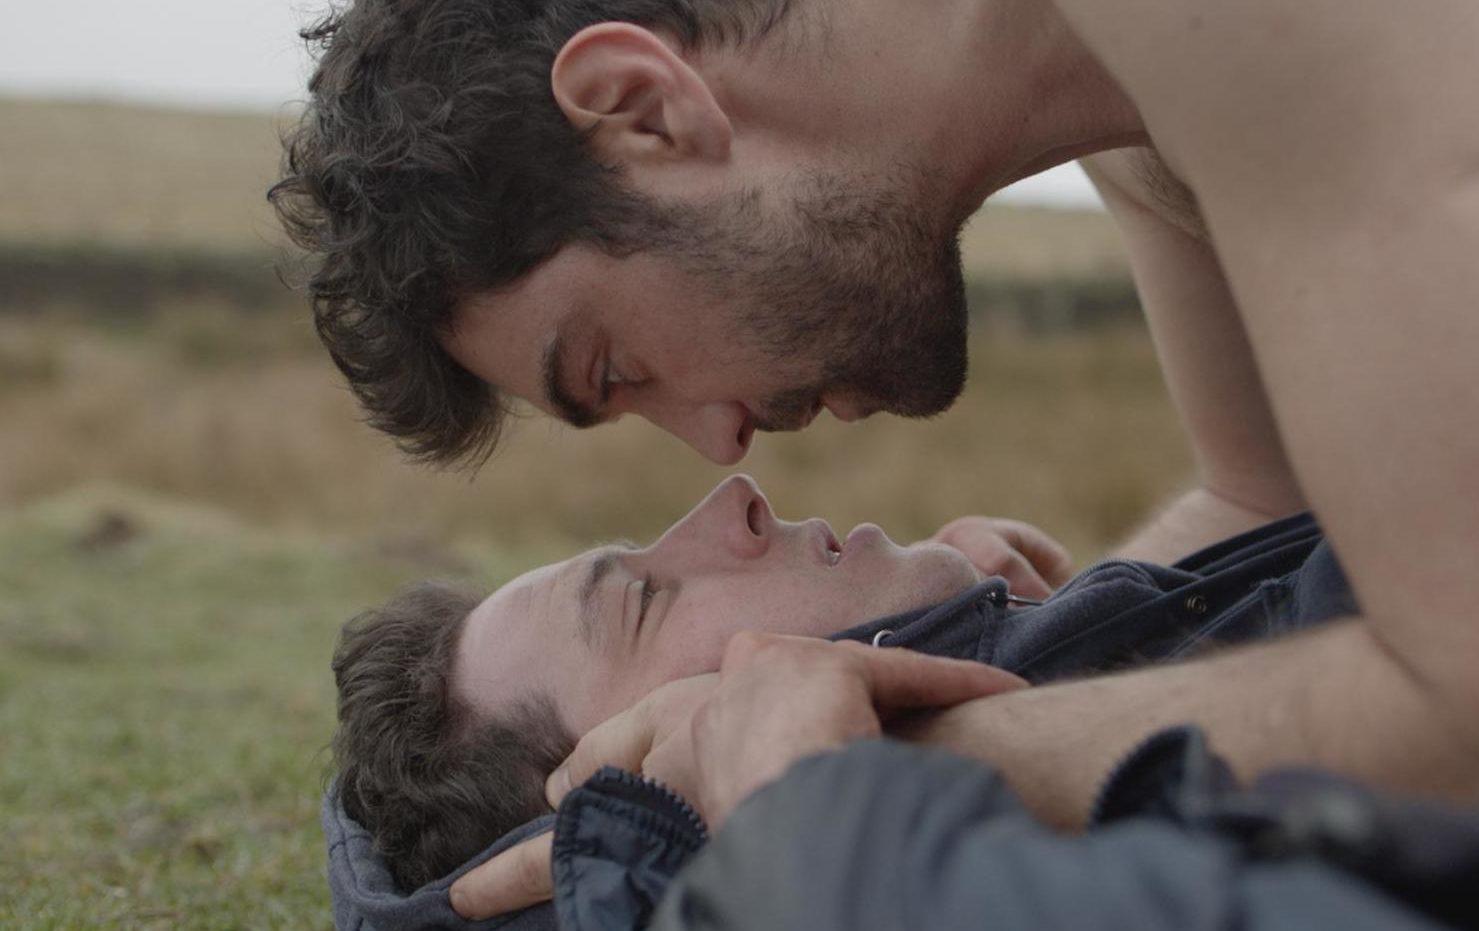 2017'nin En Başarılı 10 LGBT Filmi